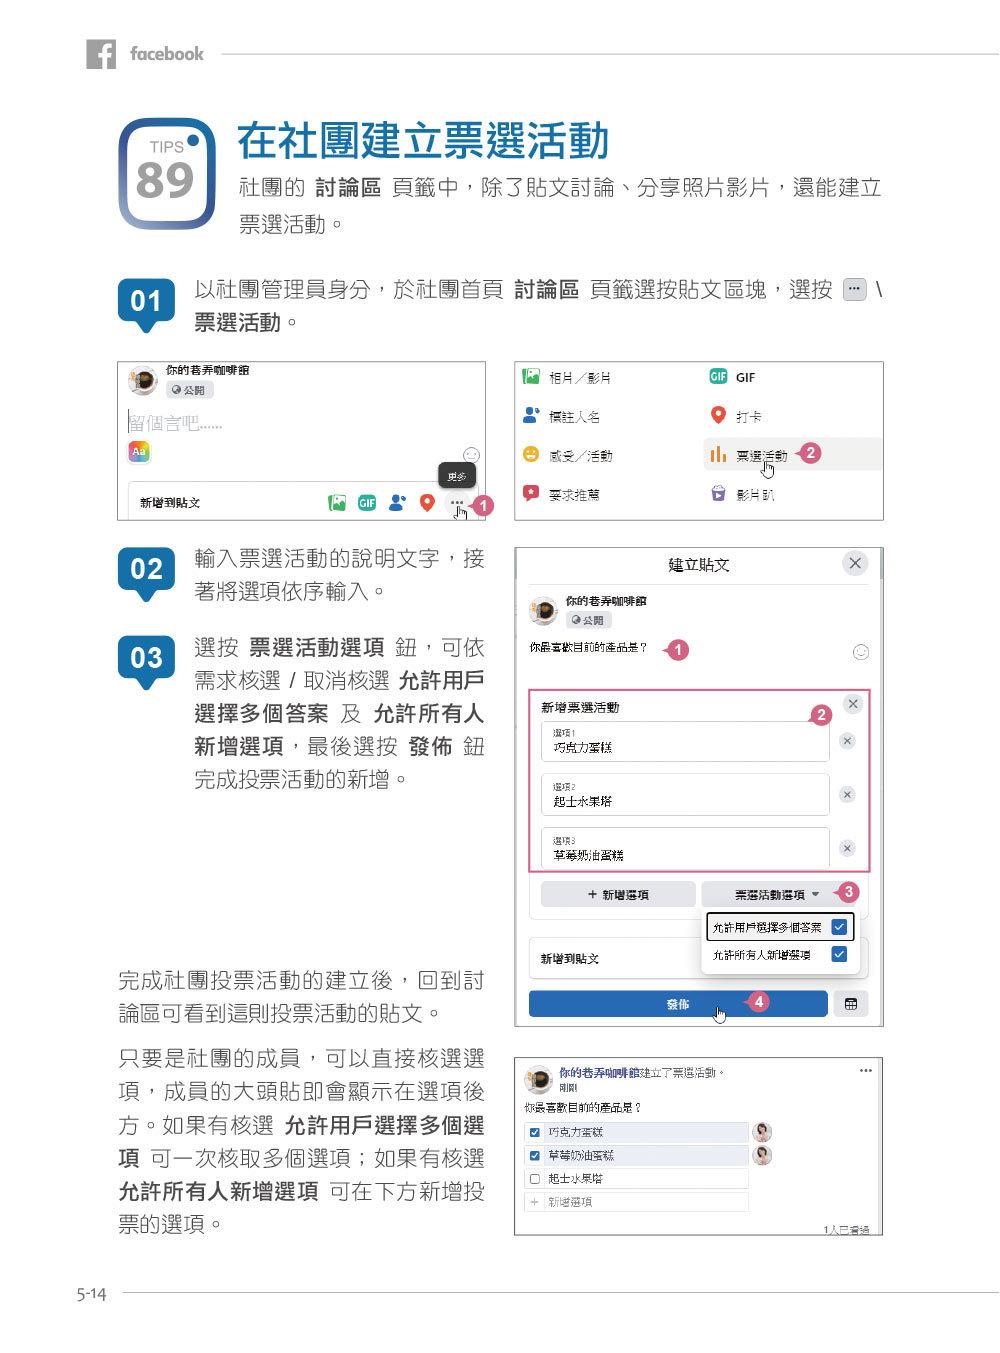 超人氣 FB + IG + LINE 社群經營與行銷力:用 225招快速聚粉,飆升流量變業績!-preview-8